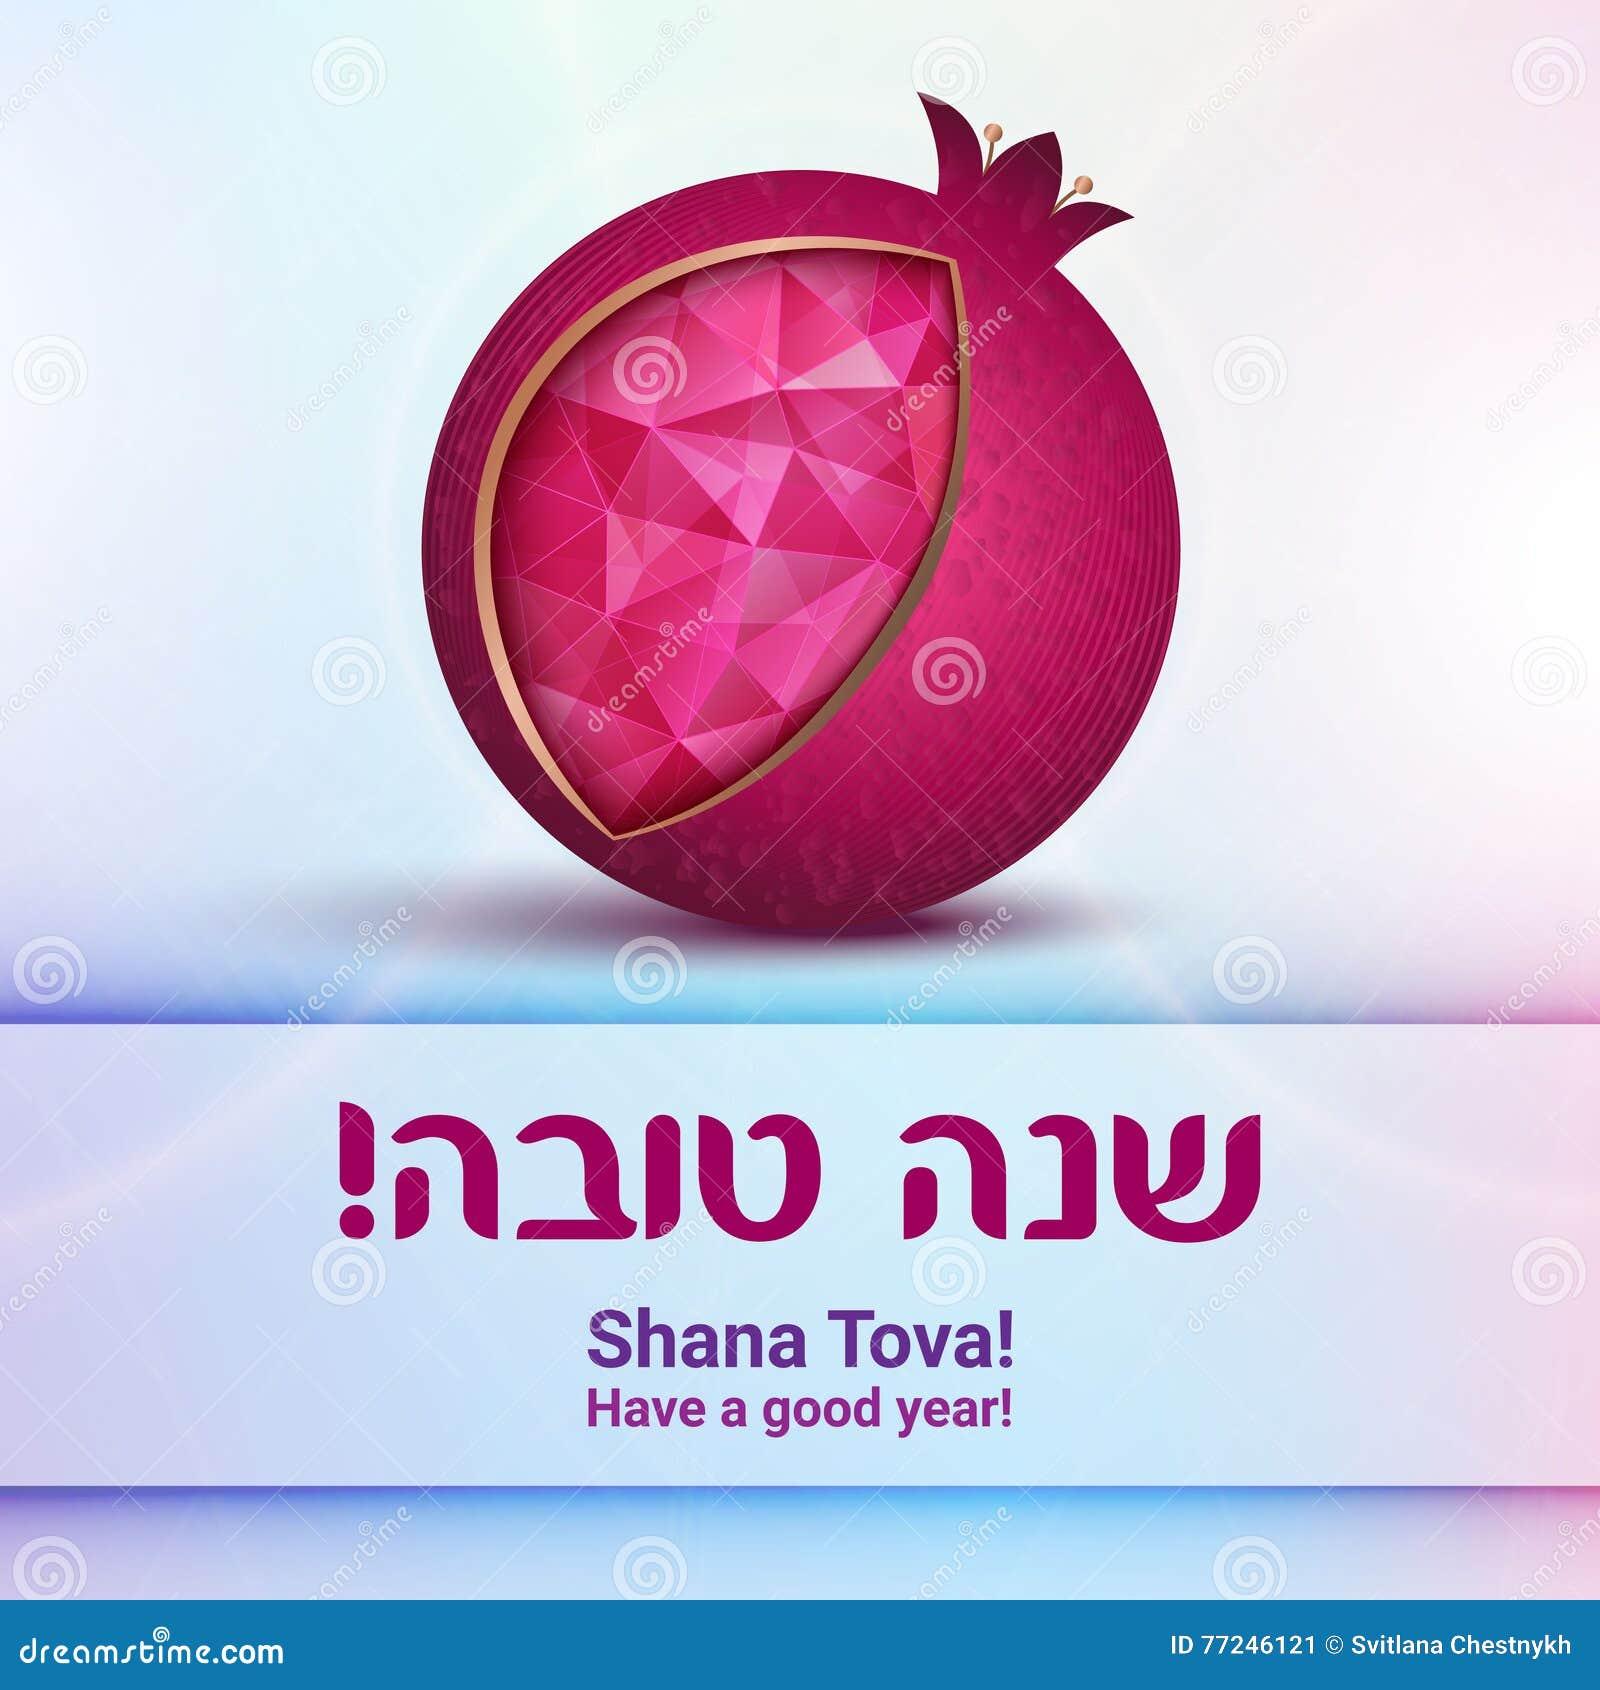 Rosh hashana jewish new year greeting card stock vector rosh hashana jewish new year greeting card m4hsunfo